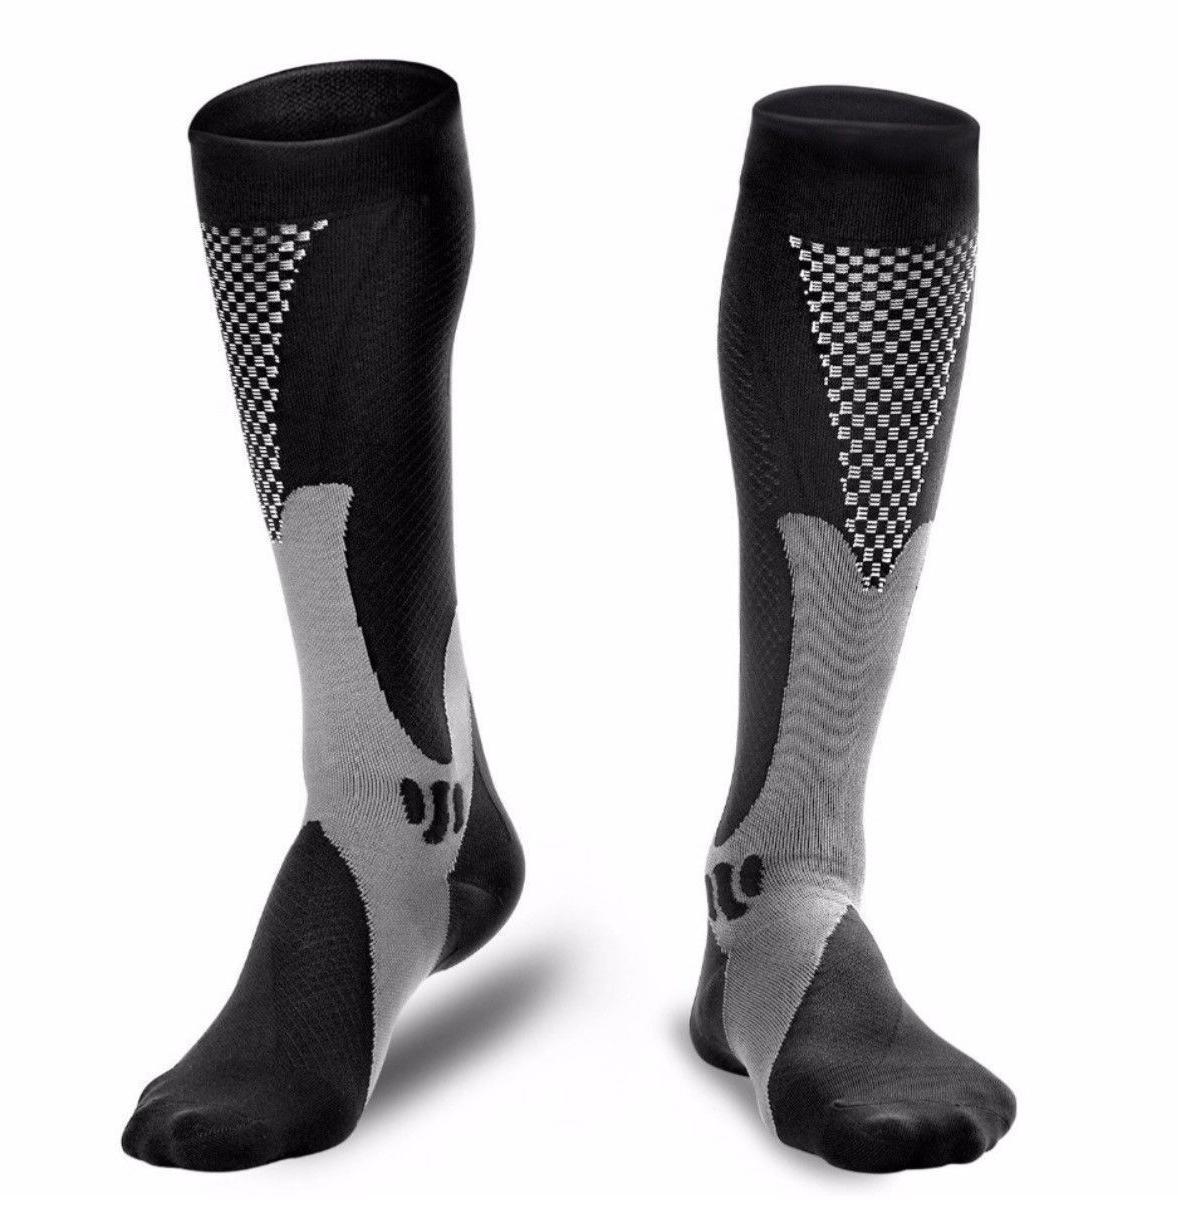 Socks mmHg Fitness Men's Women's